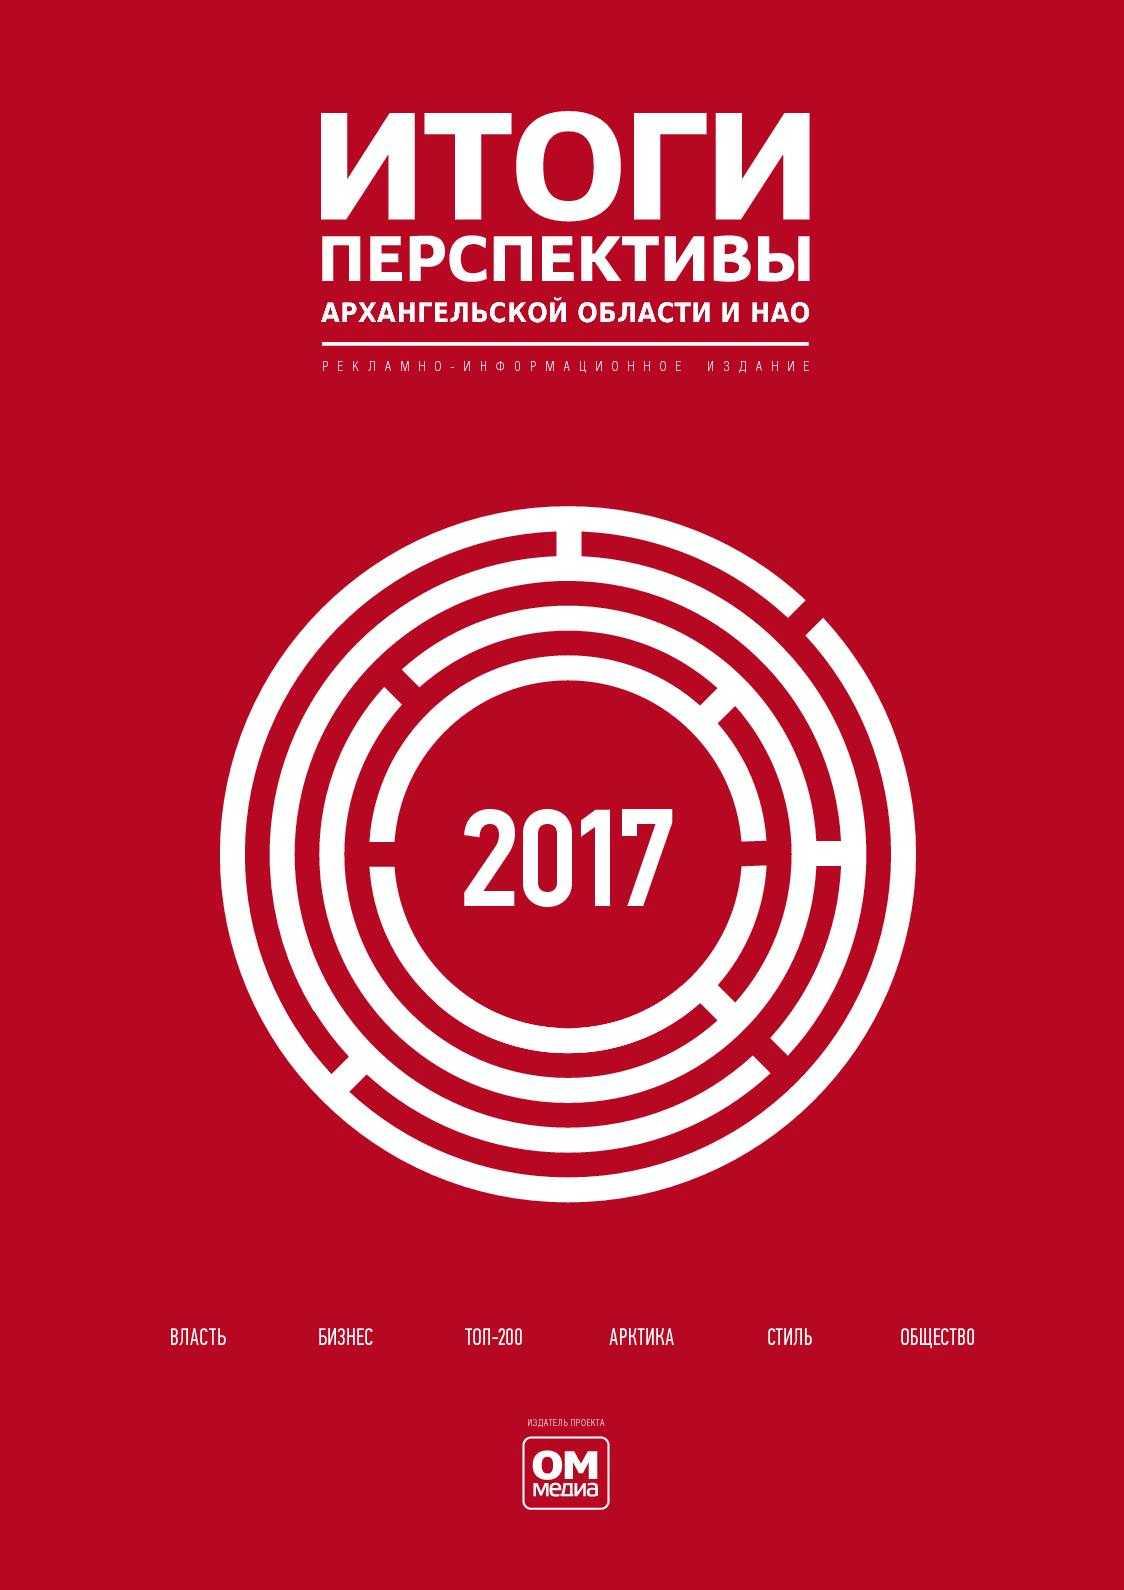 اليانصيب الأوكرانية لوتو ماكسيما (5 من 45)